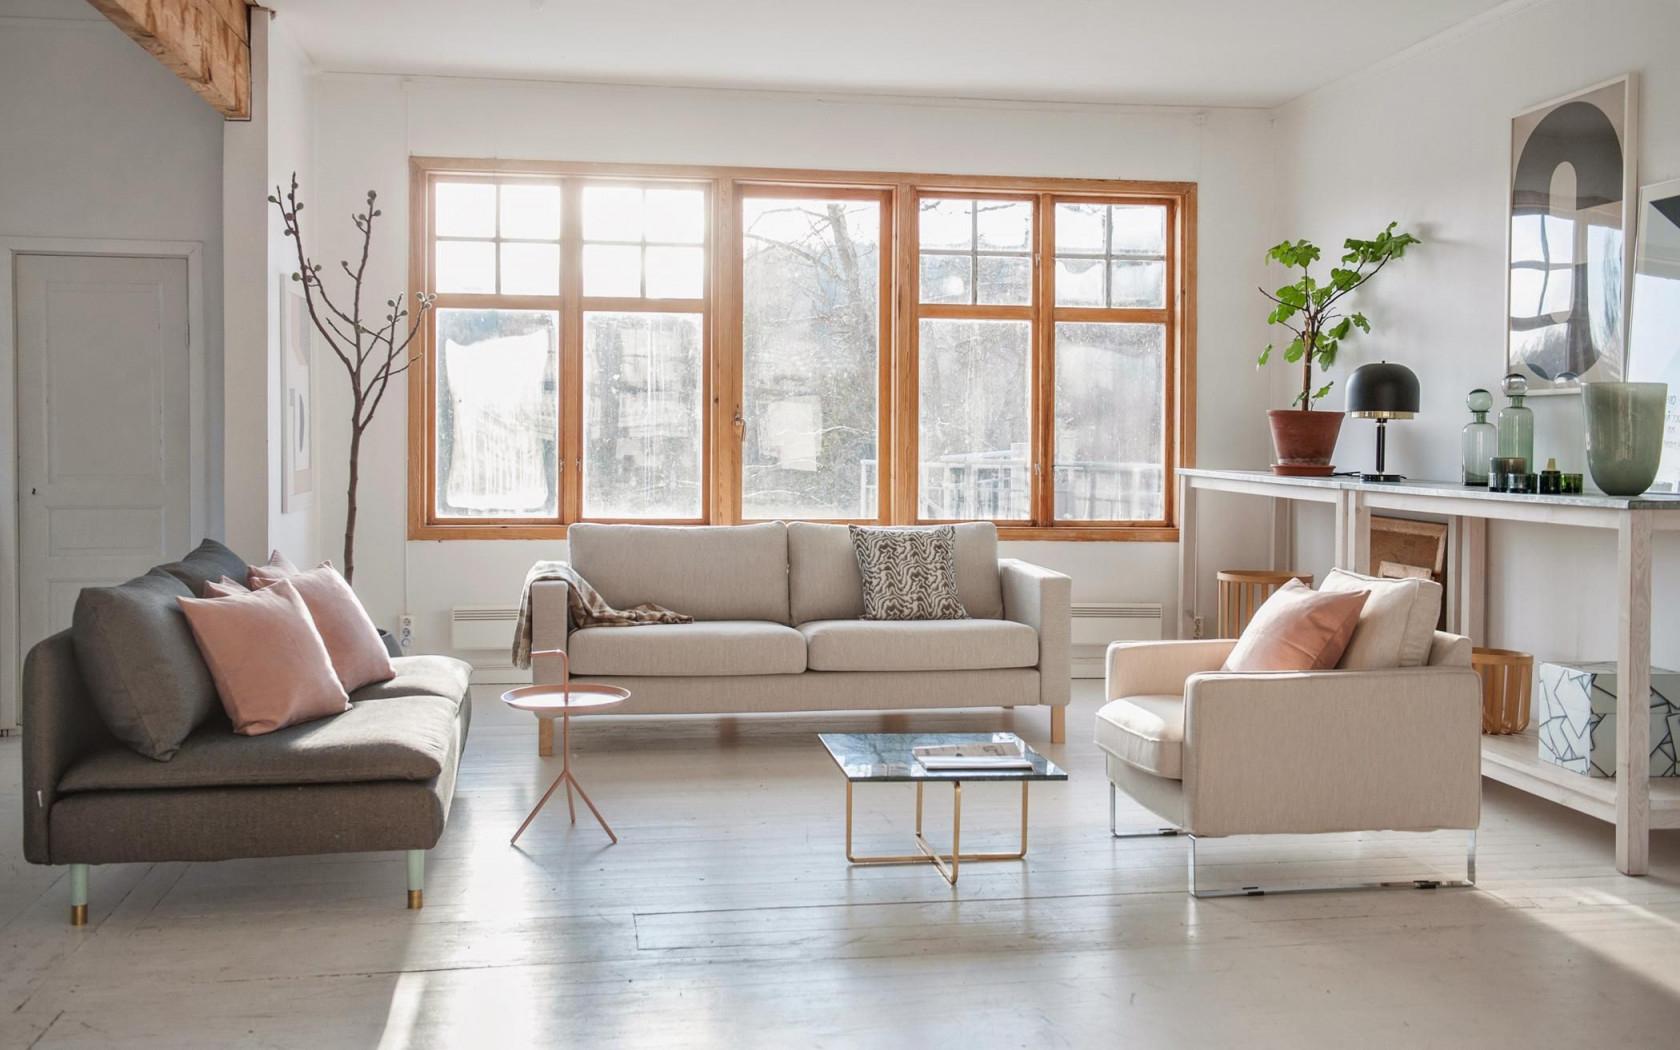 Großes Wohnzimmer Einrichten Fensterfront Sideboar von Wohnzimmer Mit Fensterfront Einrichten Bild